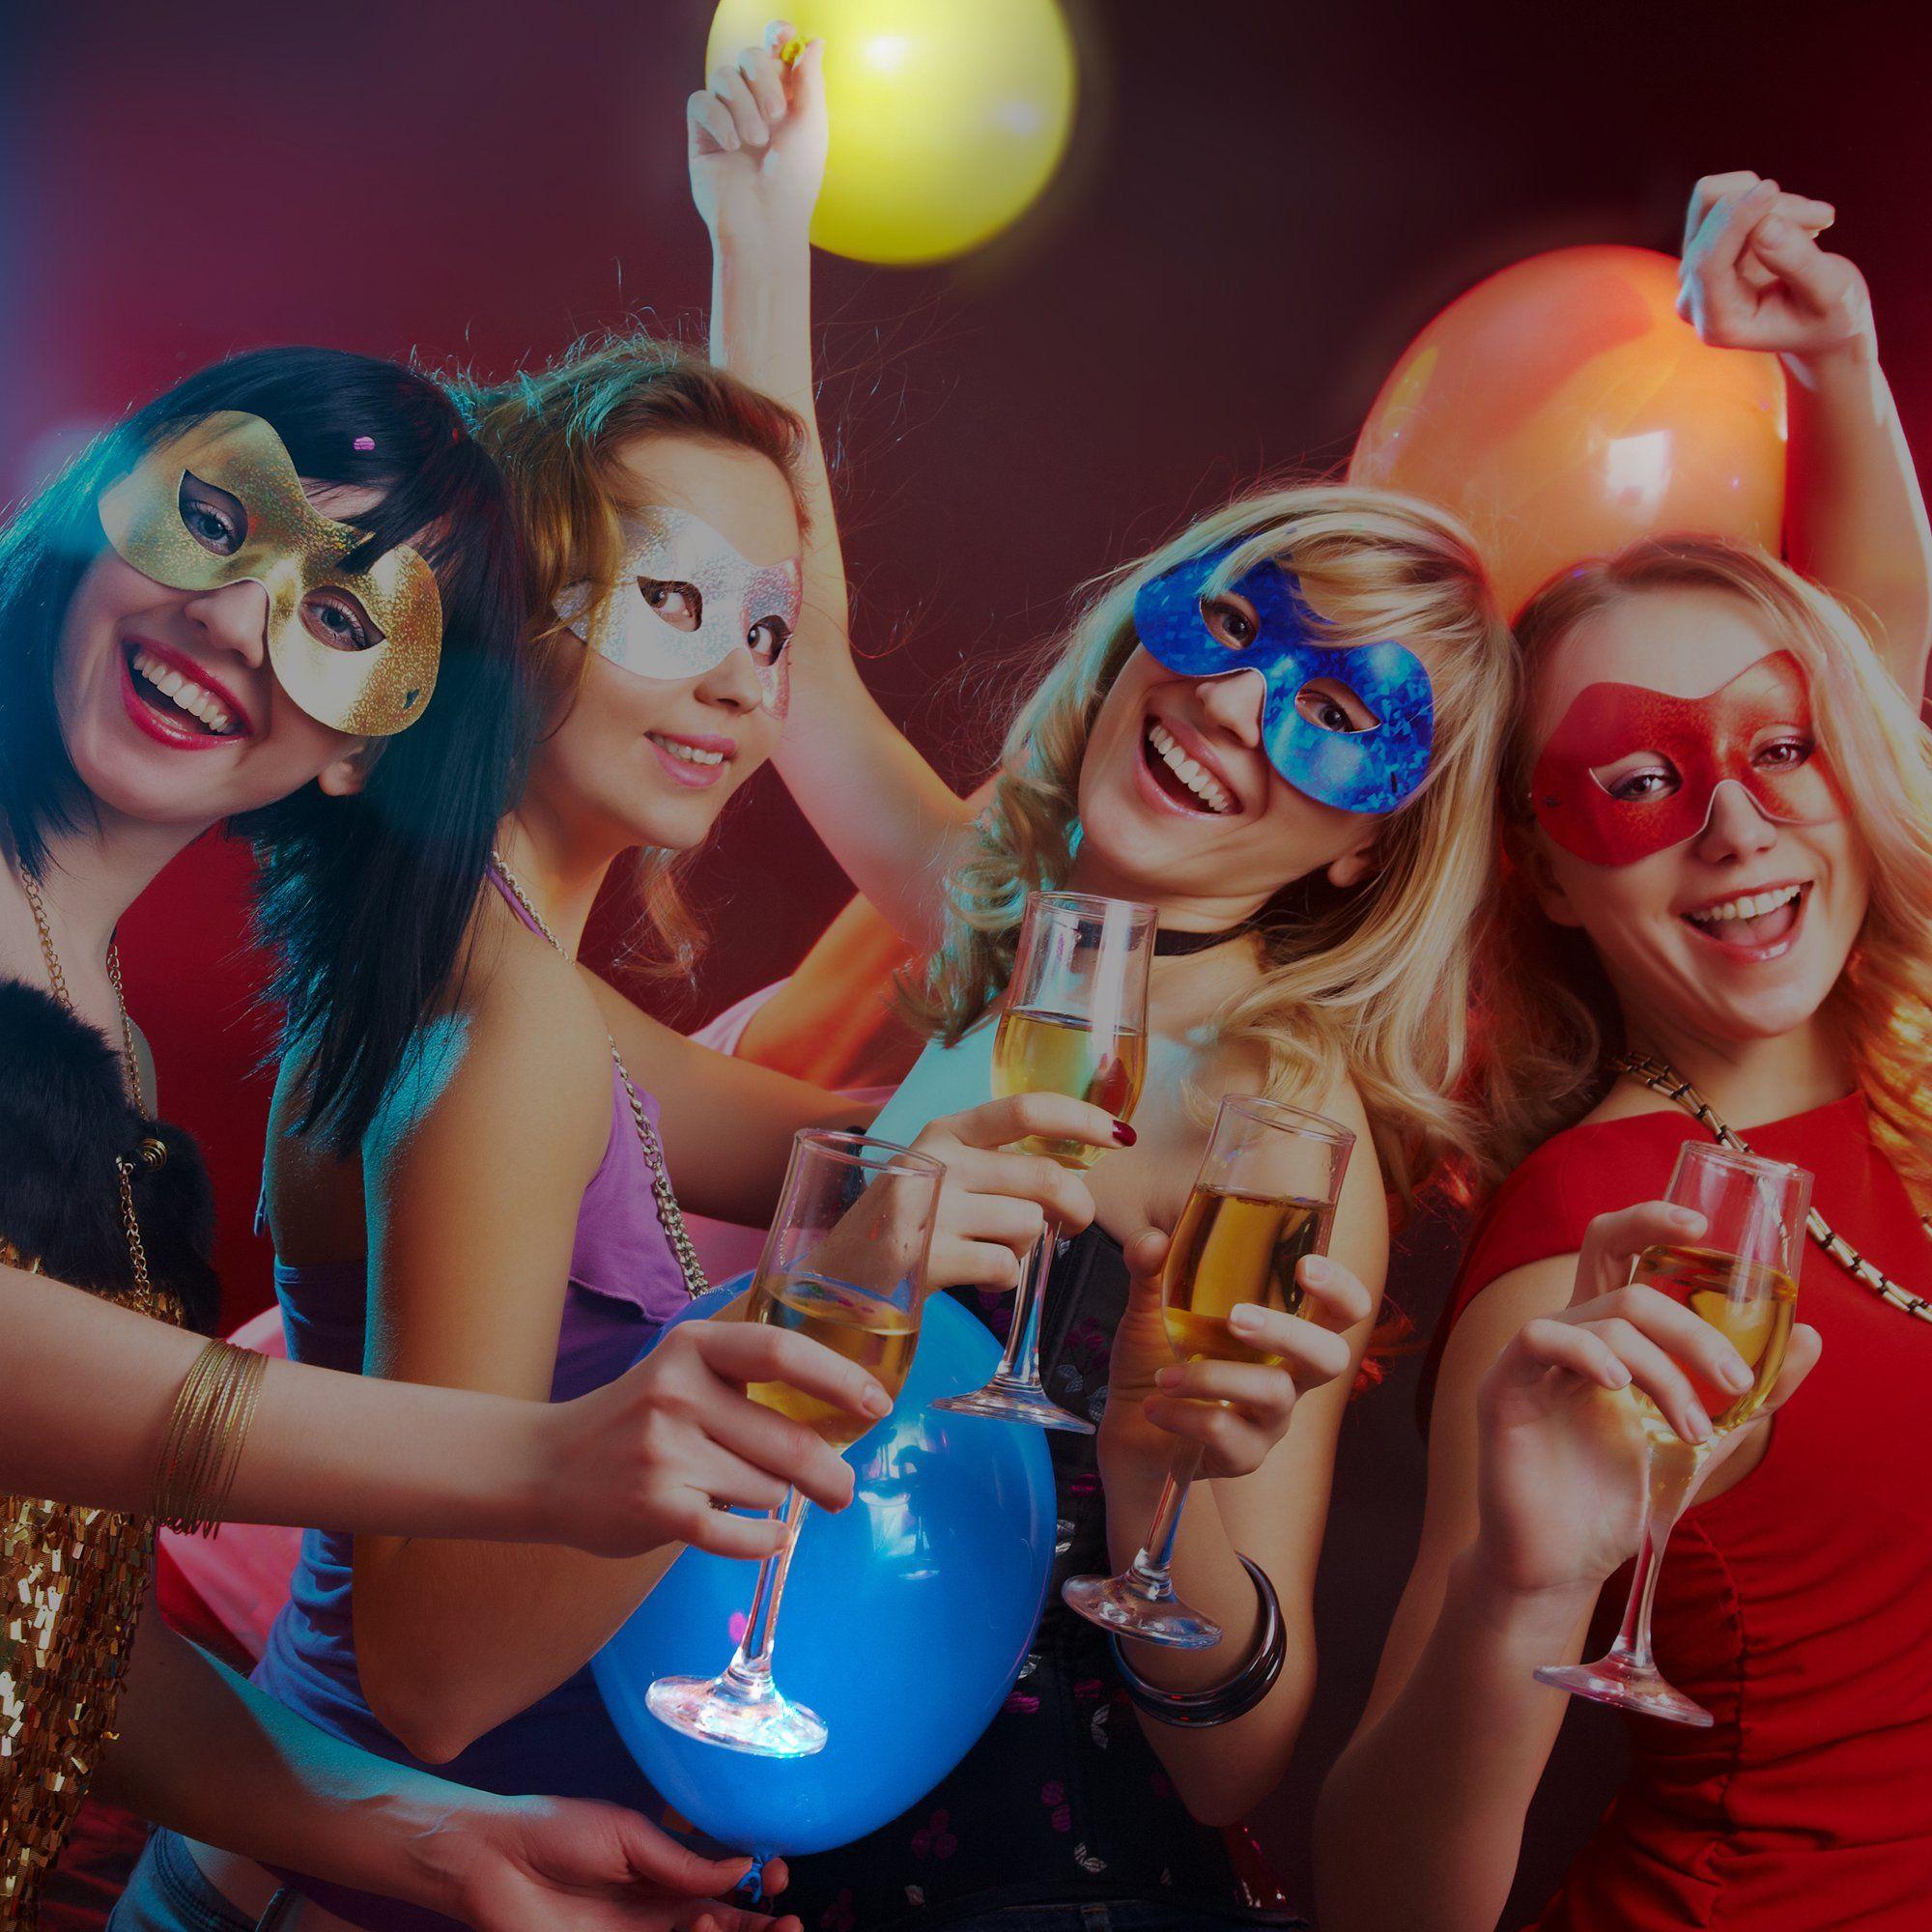 LED-Luftballons blinken 32er Pack 8 Farben Leuchtende Luftballons halten 1224 Stunden für im Dunkeln leuchtende Partyartikel Geburtstags- und Halloween-Partydekorationen ...